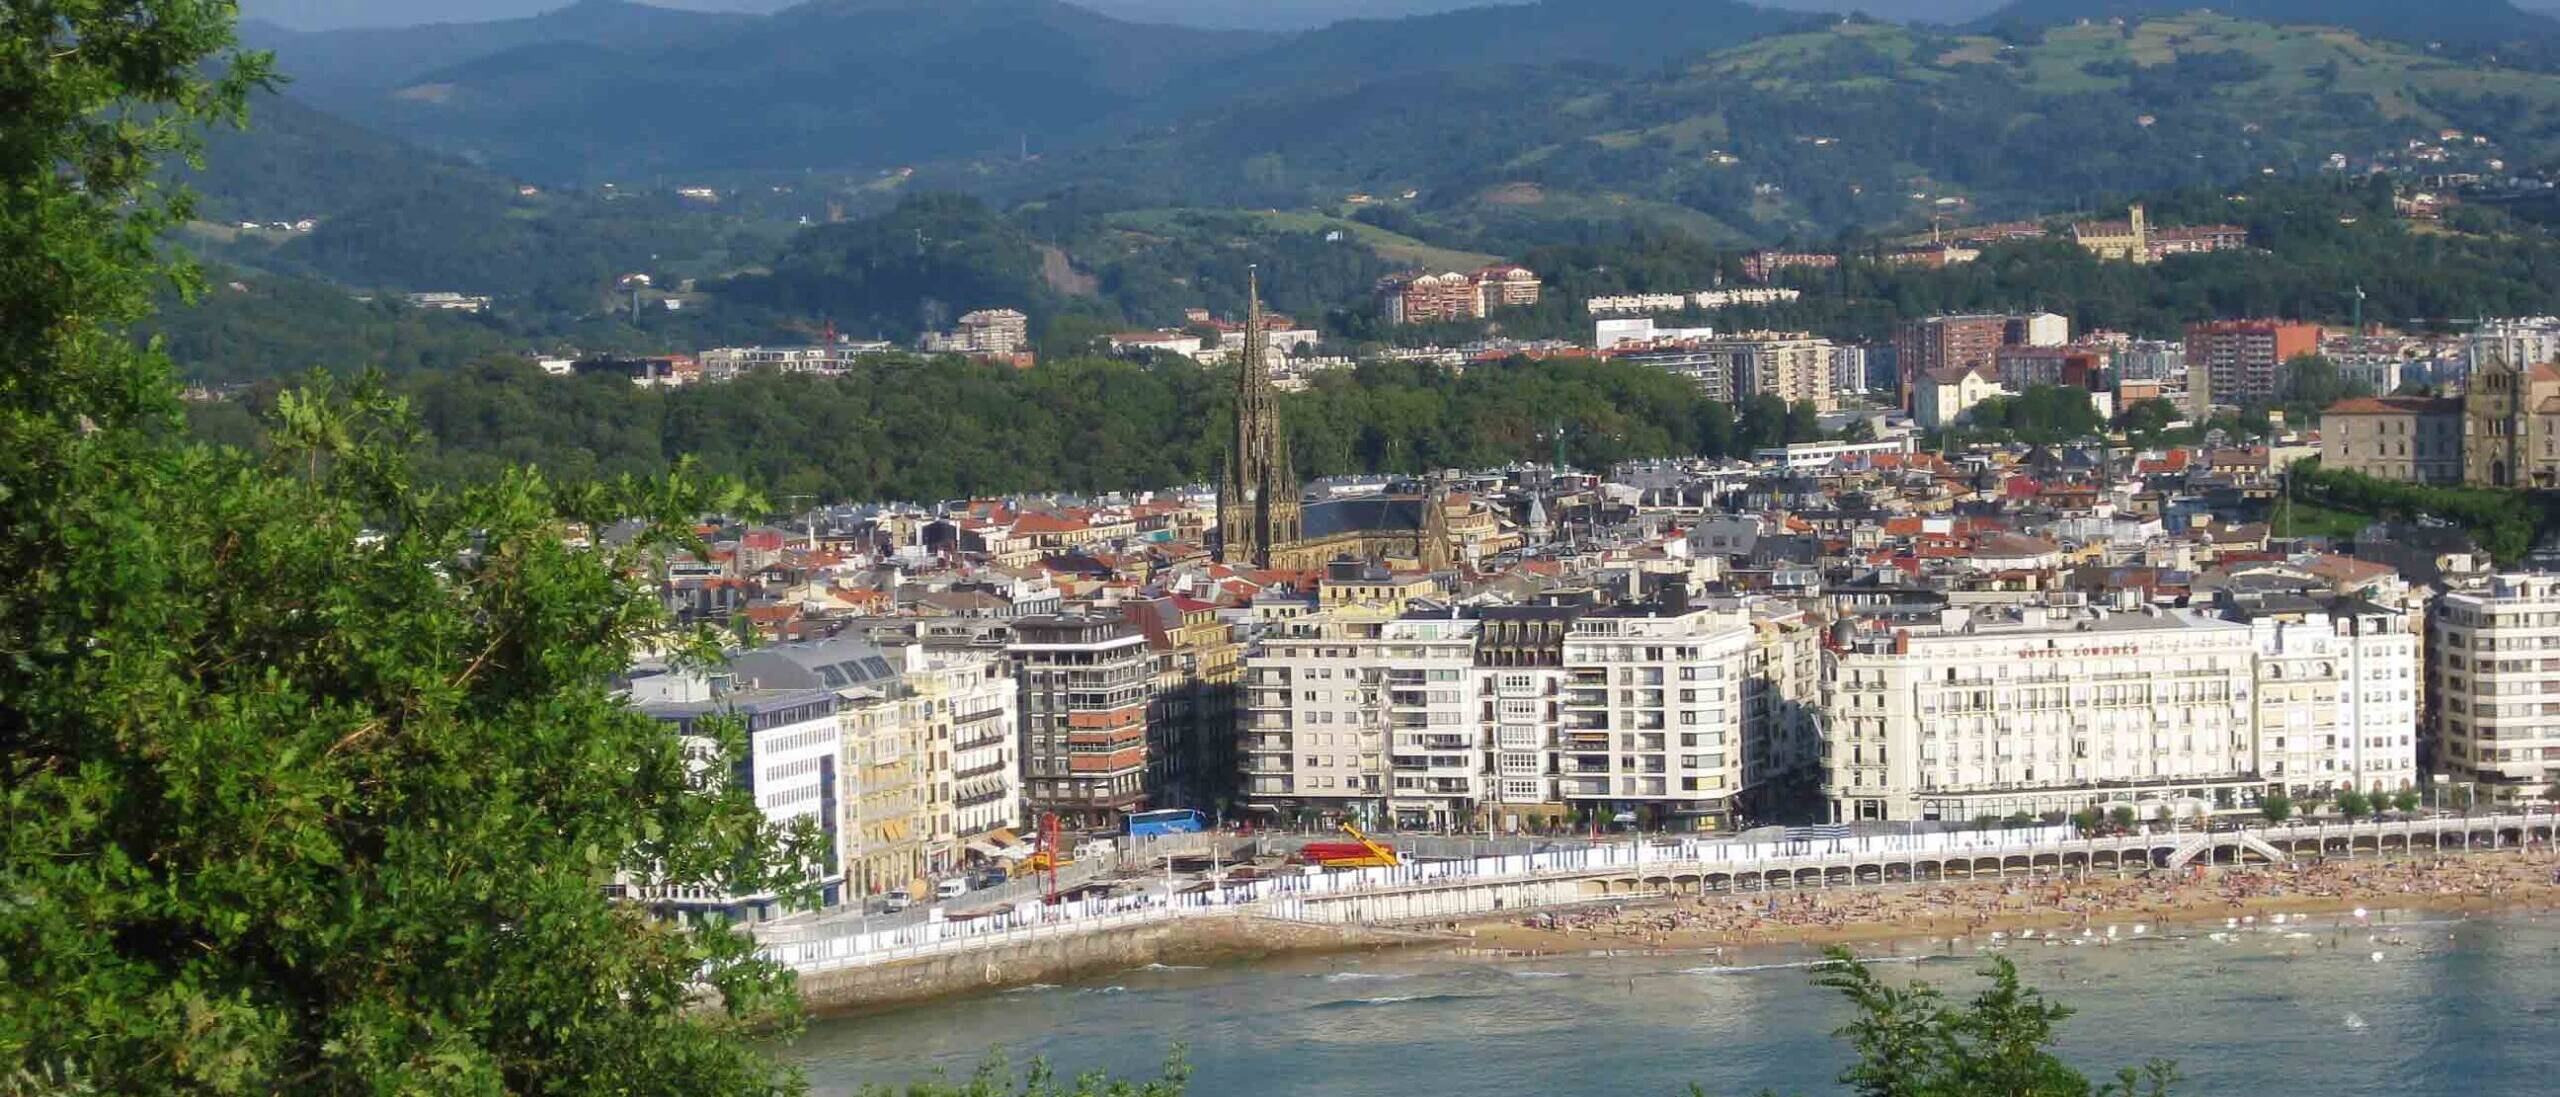 san sebastian city view beach ocean spain